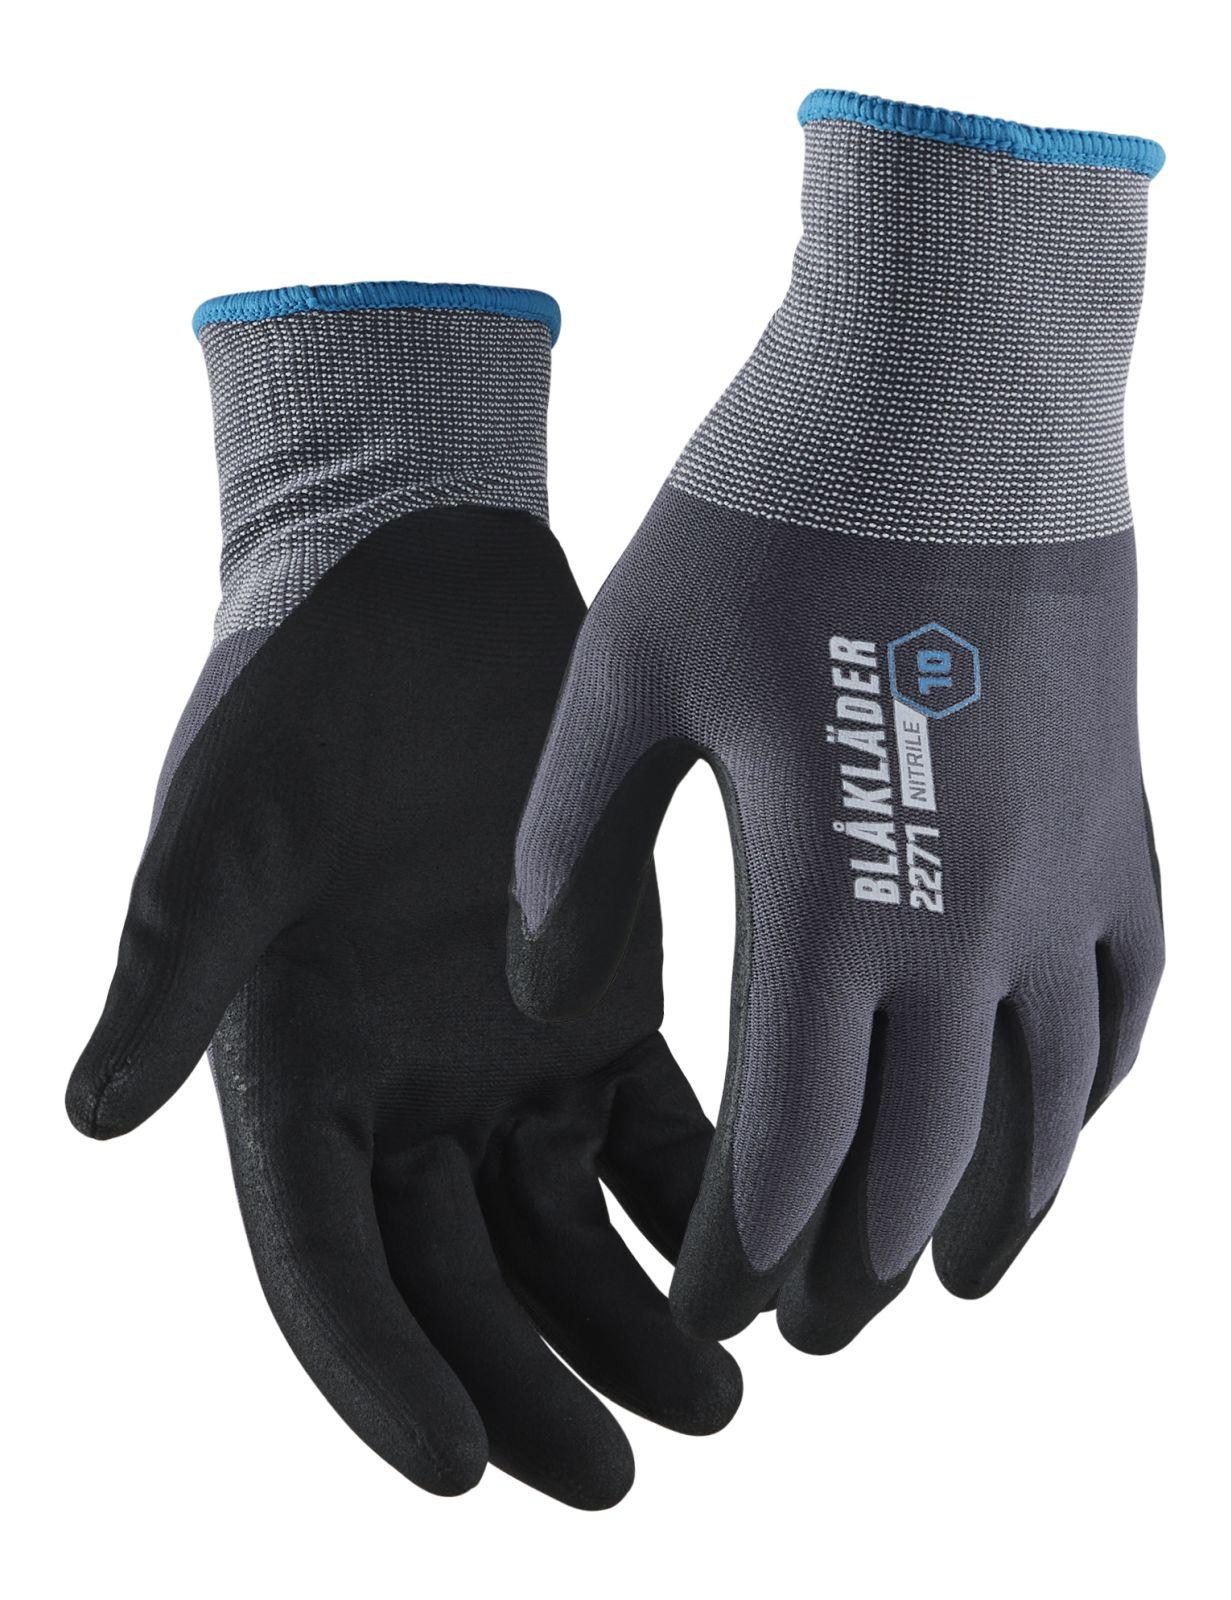 Blaklader Handschoenen 22711049 grijs-zwart(6002)